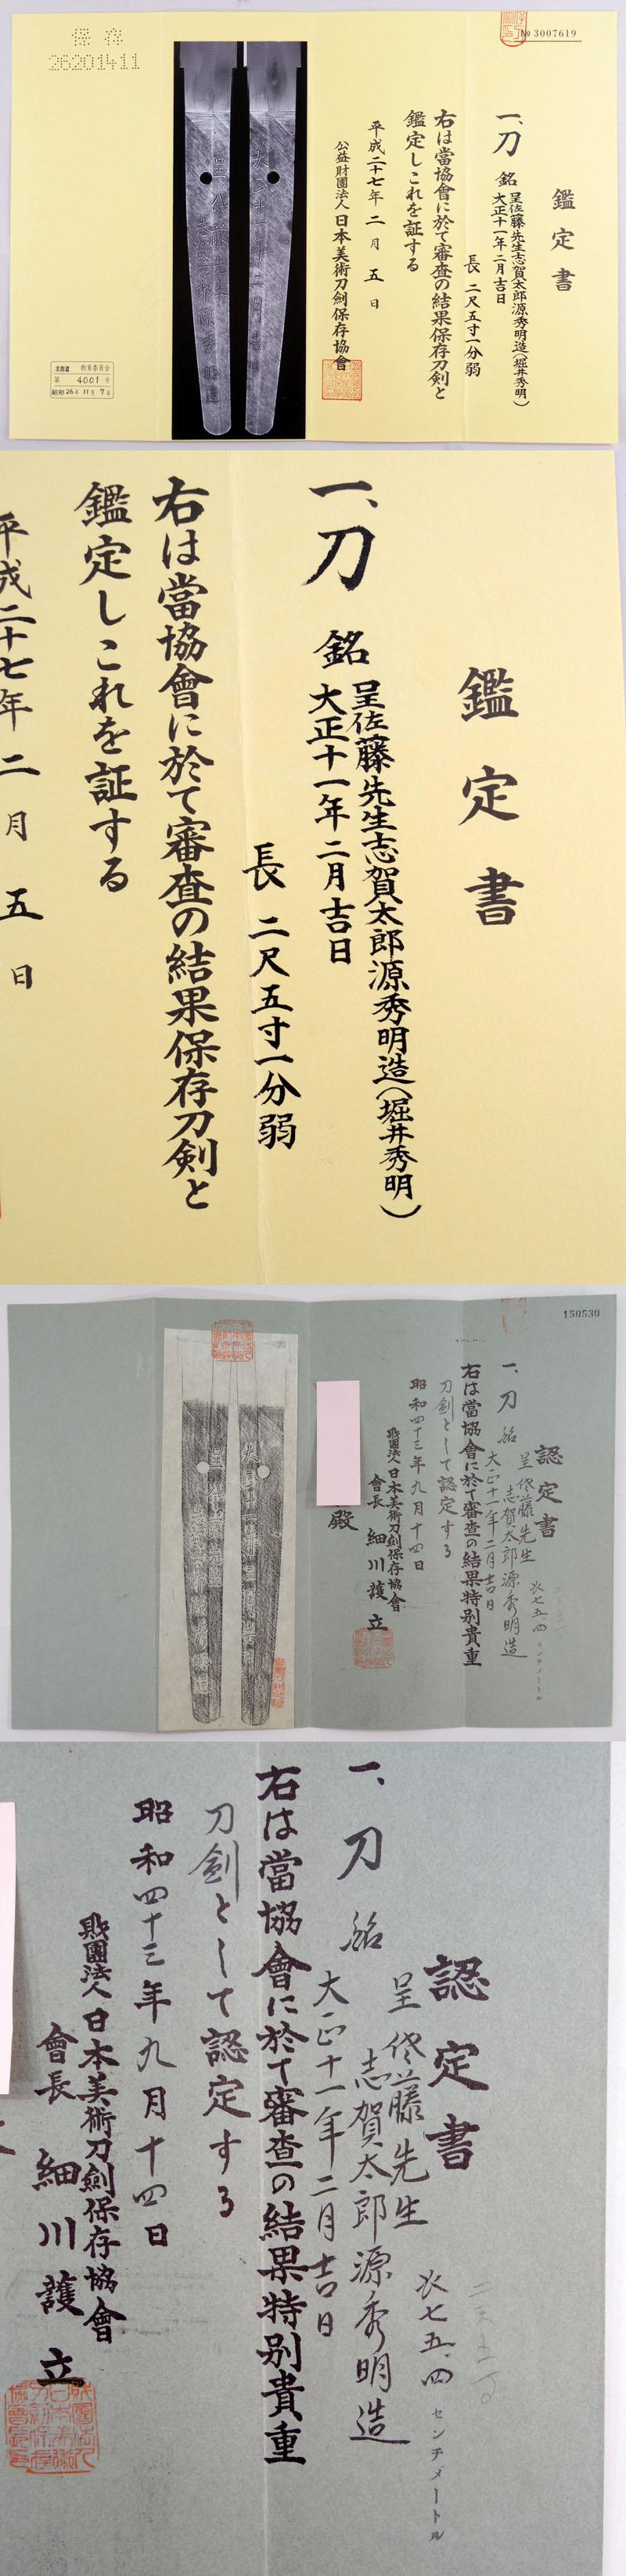 呈佐藤先生志賀太郎源秀明造(堀井秀明) Picture of Certificate